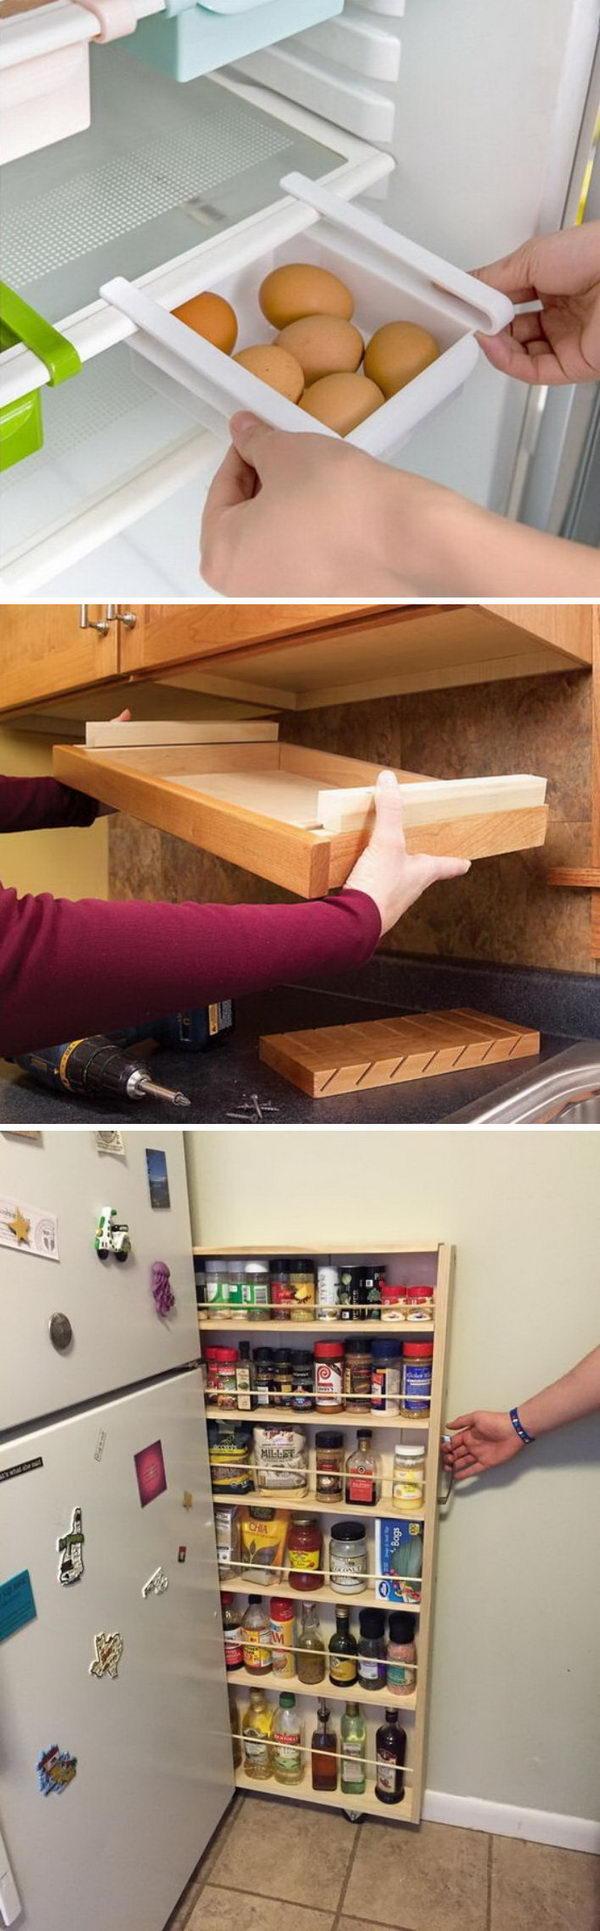 clever kitchen storage ideas 2017 clever kitchen storage ideas